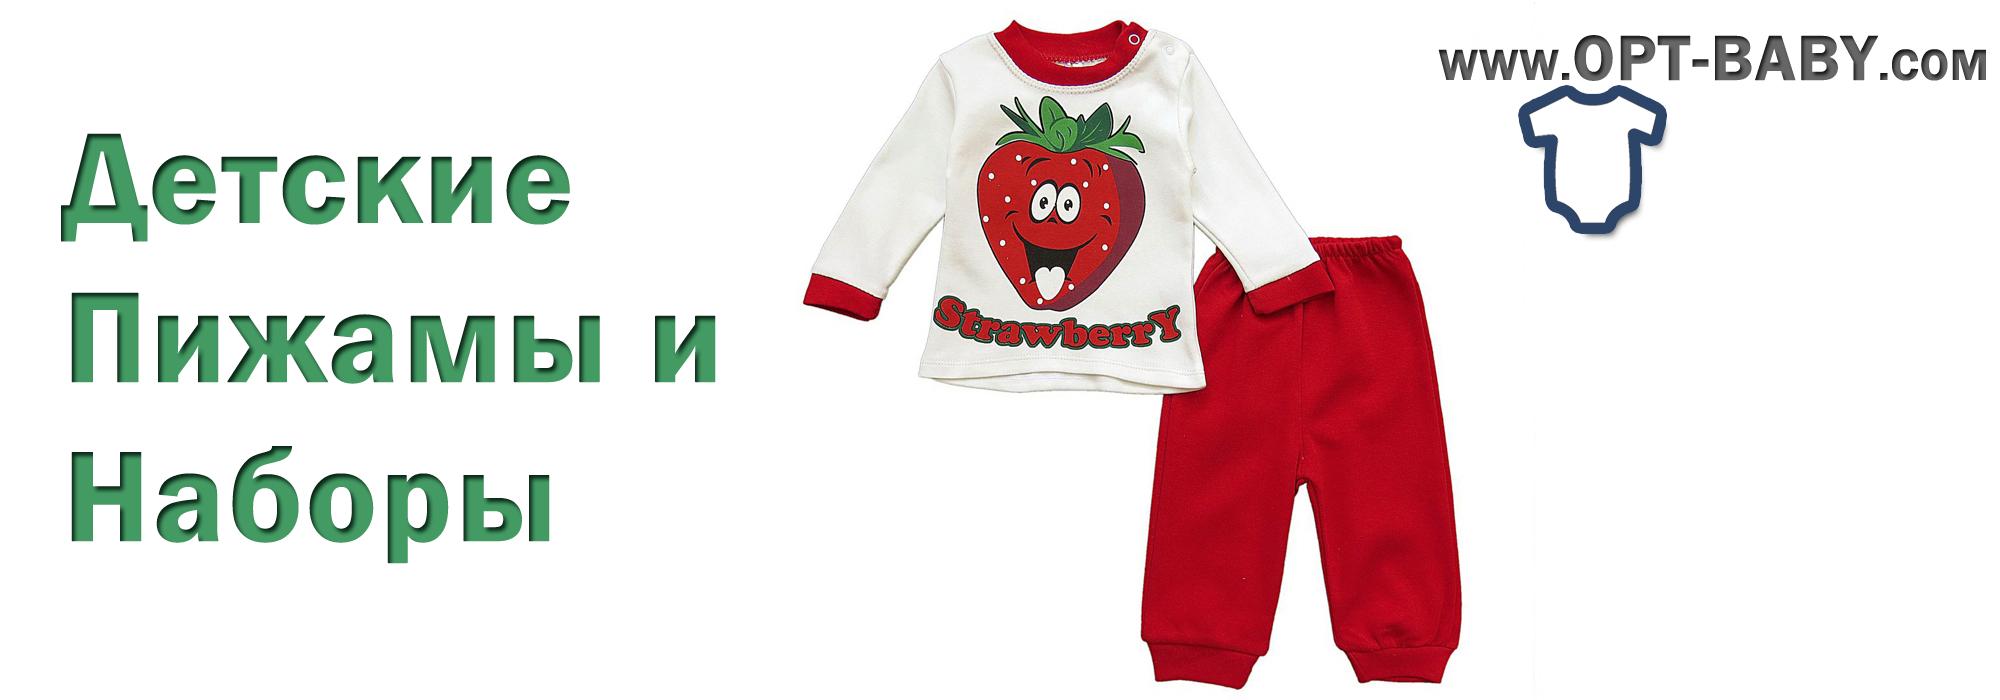 Детские пижамки и наборы оптом - www.opt-baby.com